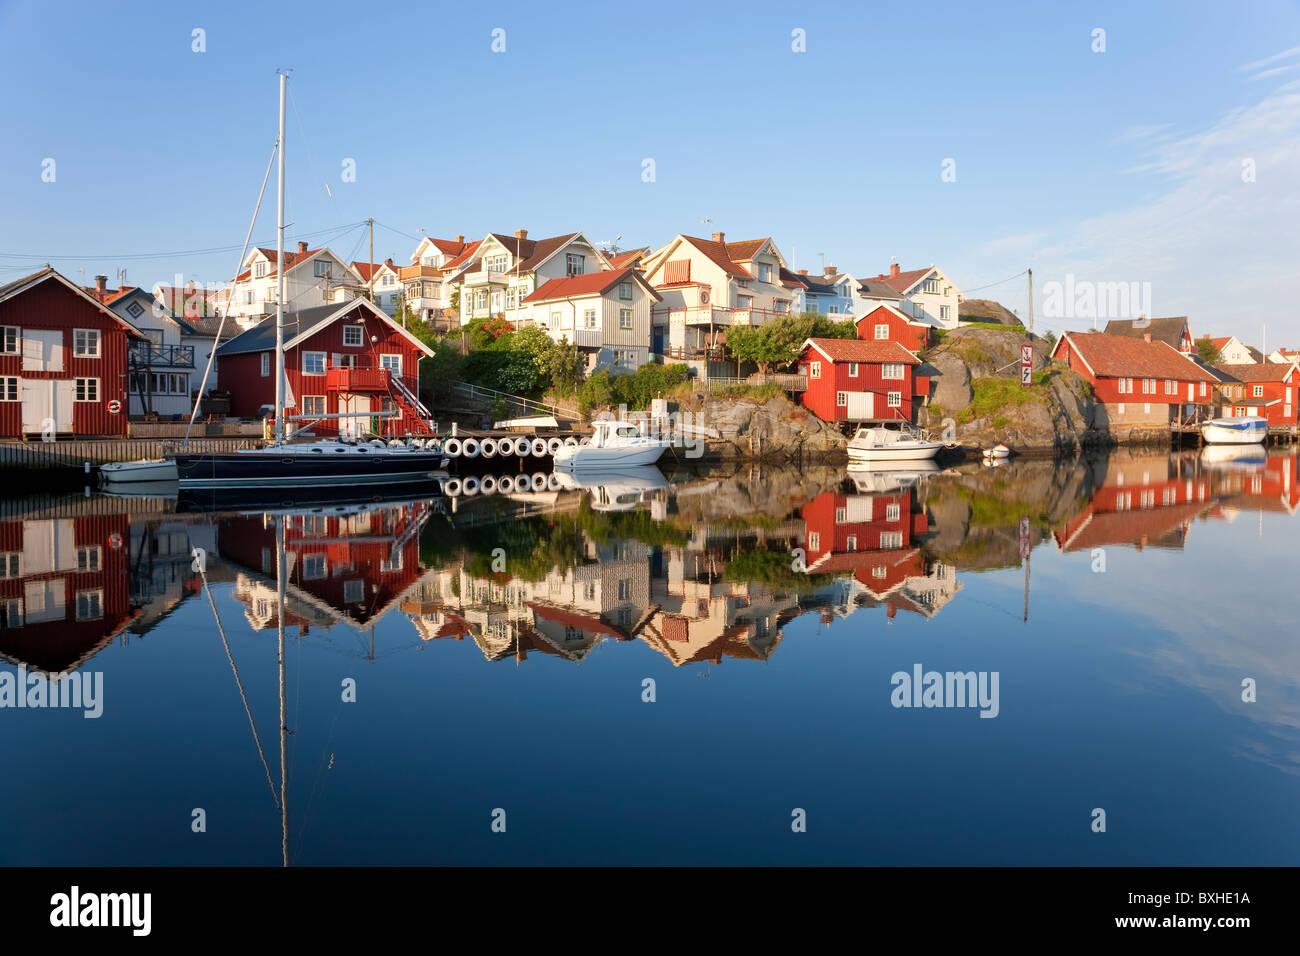 KlŠdesholmen Tjšrn Bohuslaen, île de la côte ouest Suédoise, Photo Stock